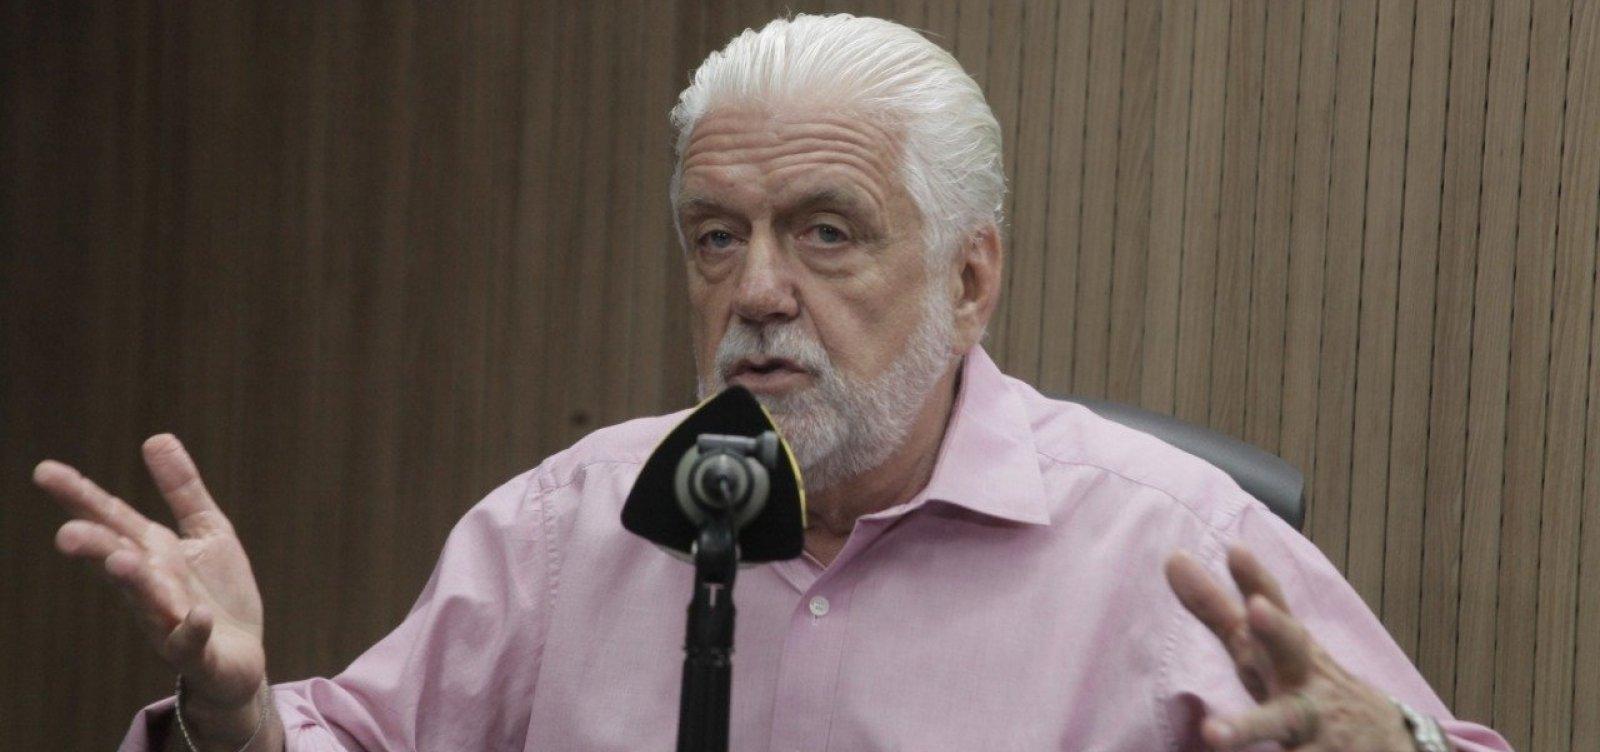 Ernesto Araújo 'deu passo para trás e ofendeu tradição do Itamaraty', critica Wagner